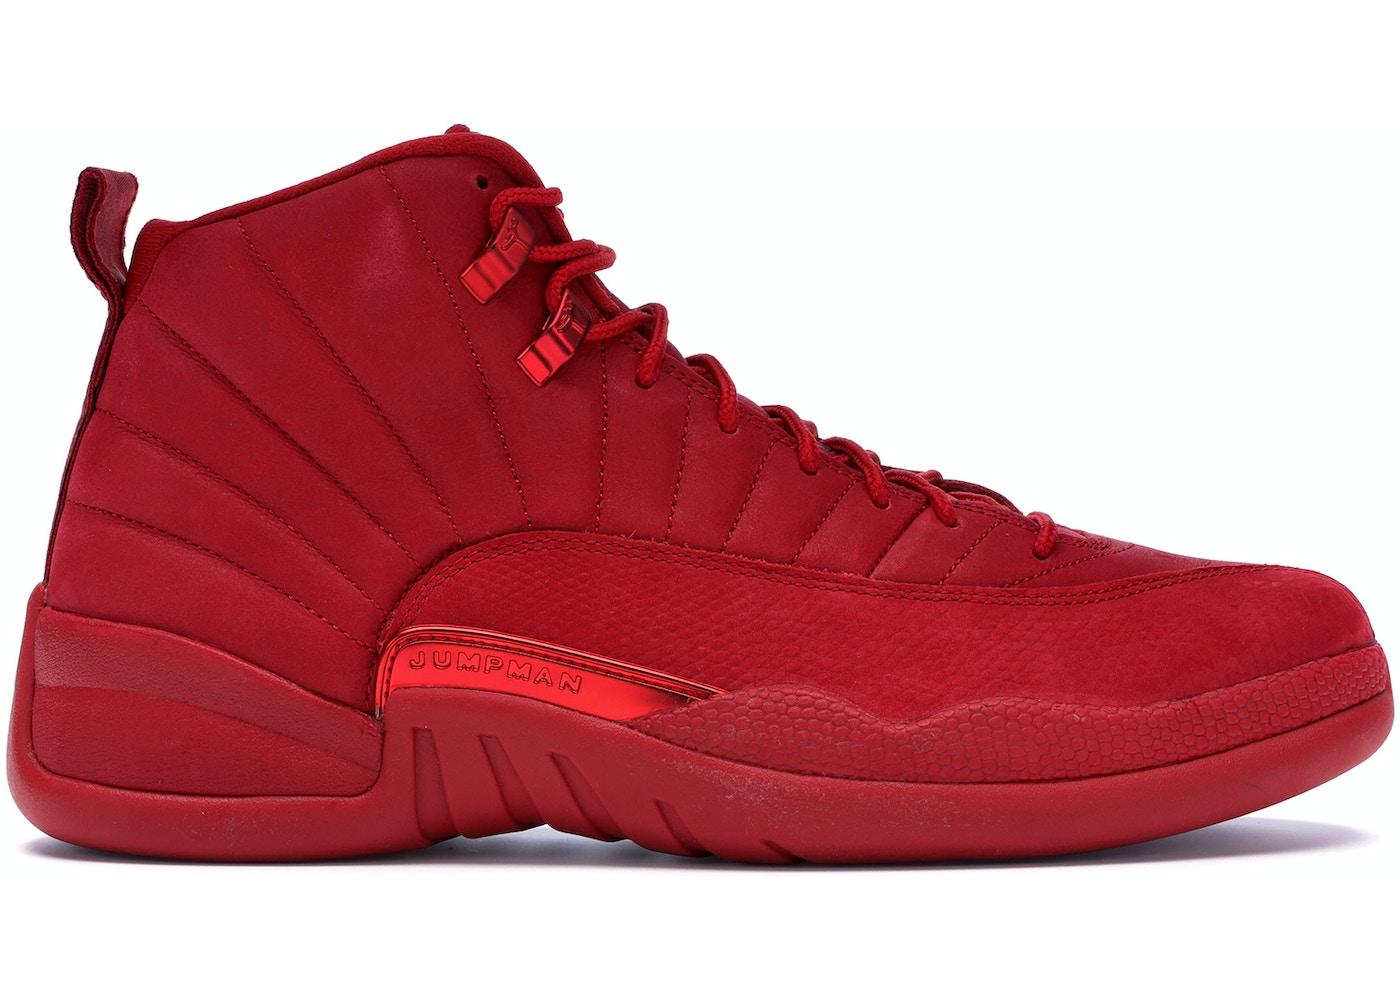 sale retailer 6a17e e4fd3 Jordan 12 Retro Gym Red (2018)